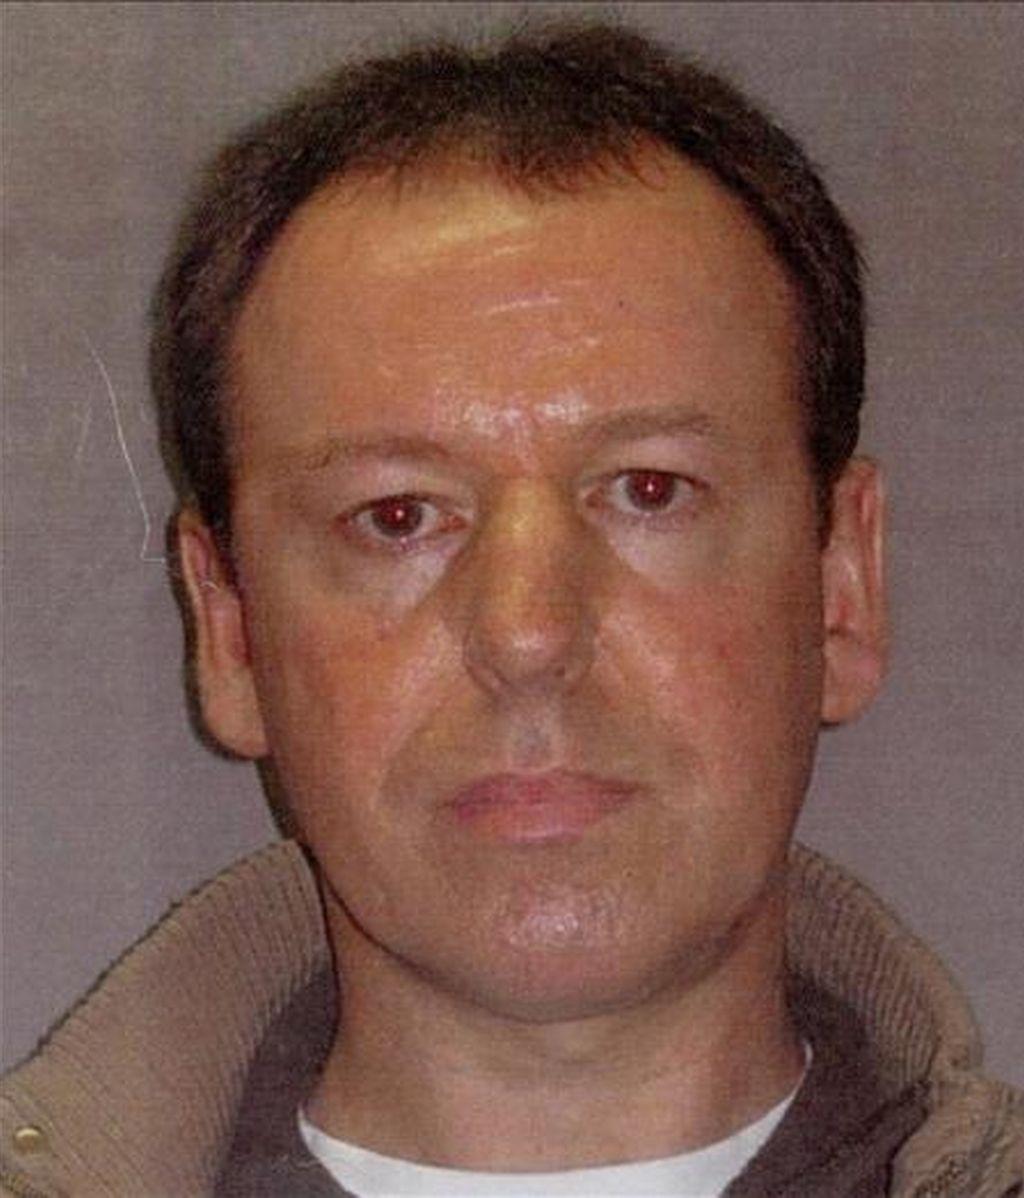 Foto facilitada el 19 de mayo de 2010, por la fundación Crimestoppers, que muestra a Martin Anthony S., de 44 años, el pederasta más buscado en Reino Unido, y pareja de la parricida británica acusada de matar a sus dos hijos en un hotel de Lloret de Mar (Girona). EFE/Archivo